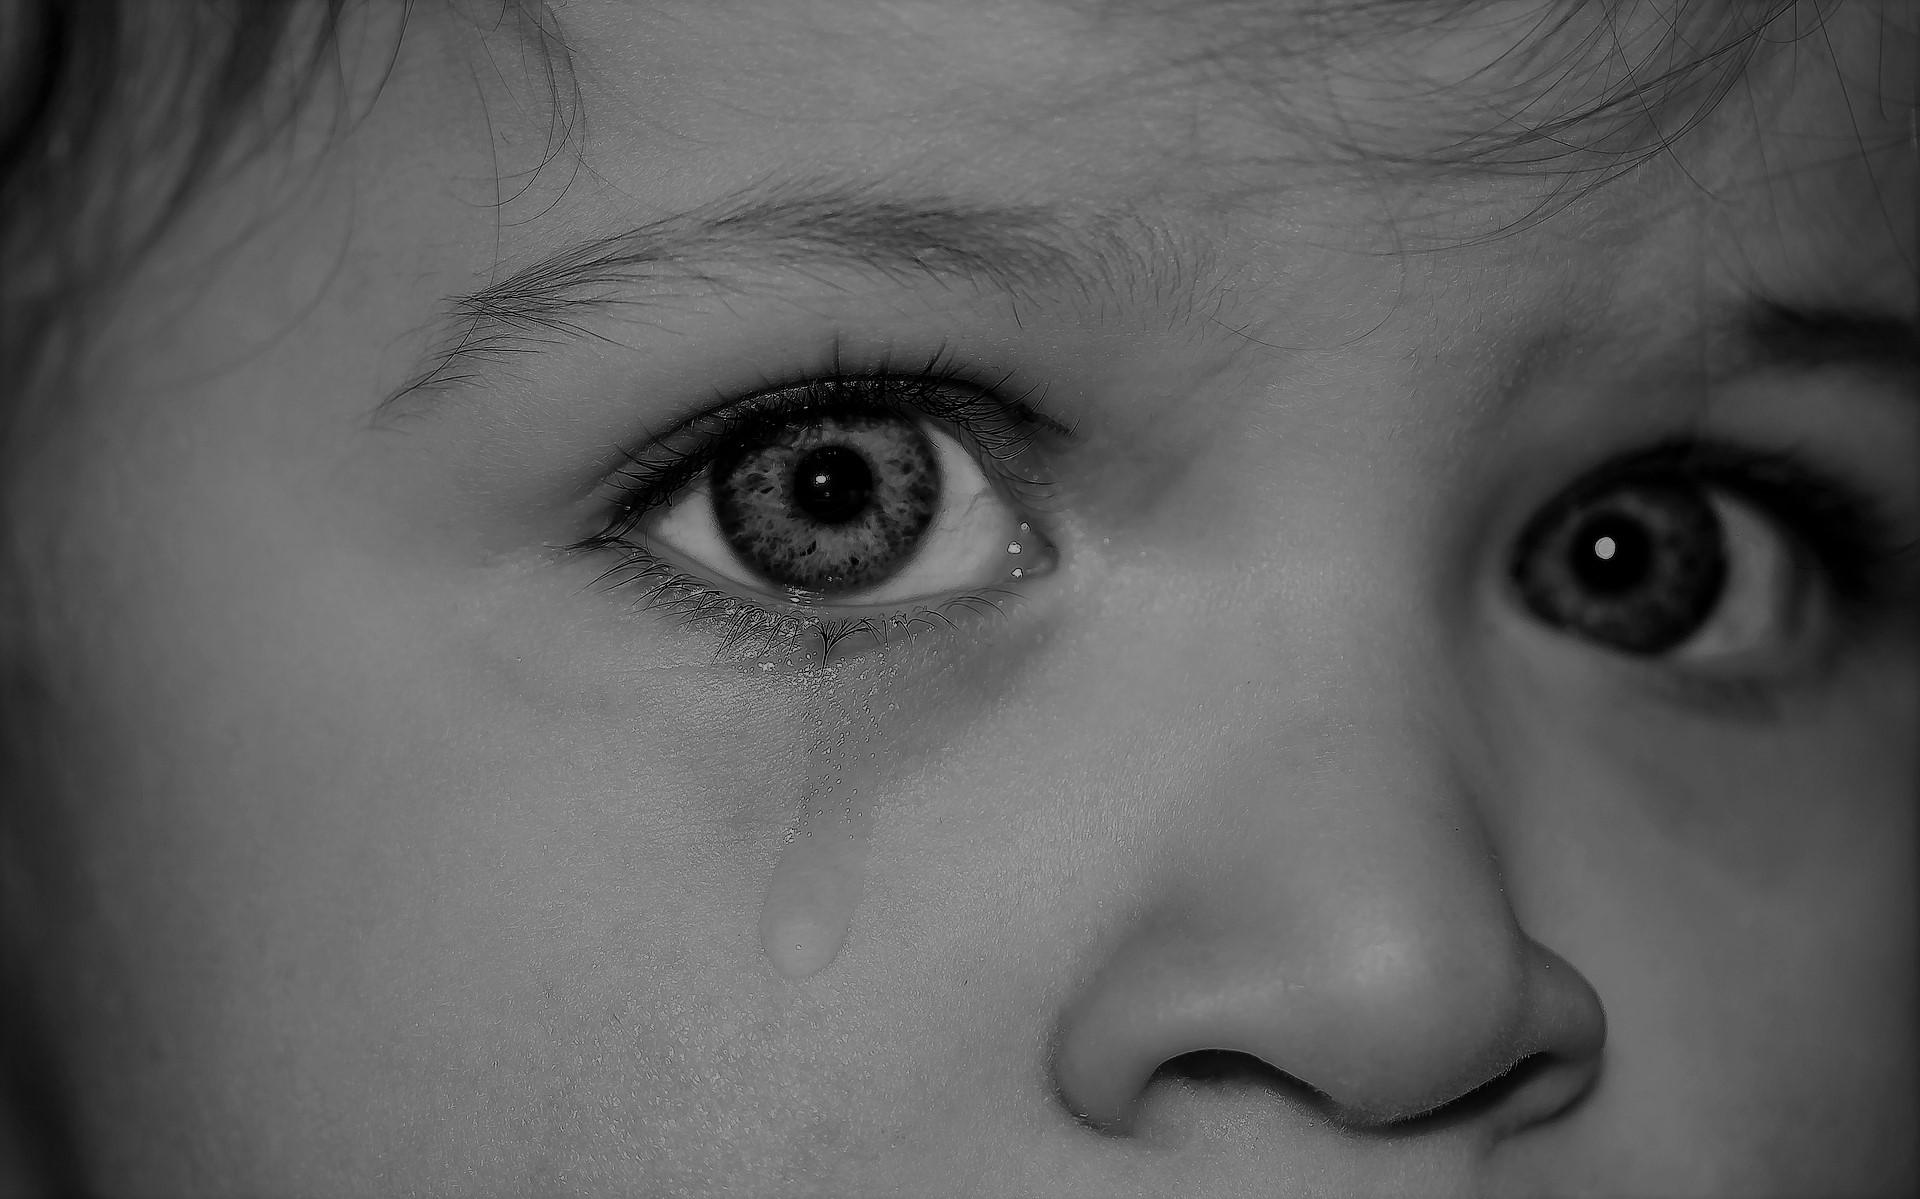 enfant, famine, problème, Hongrie